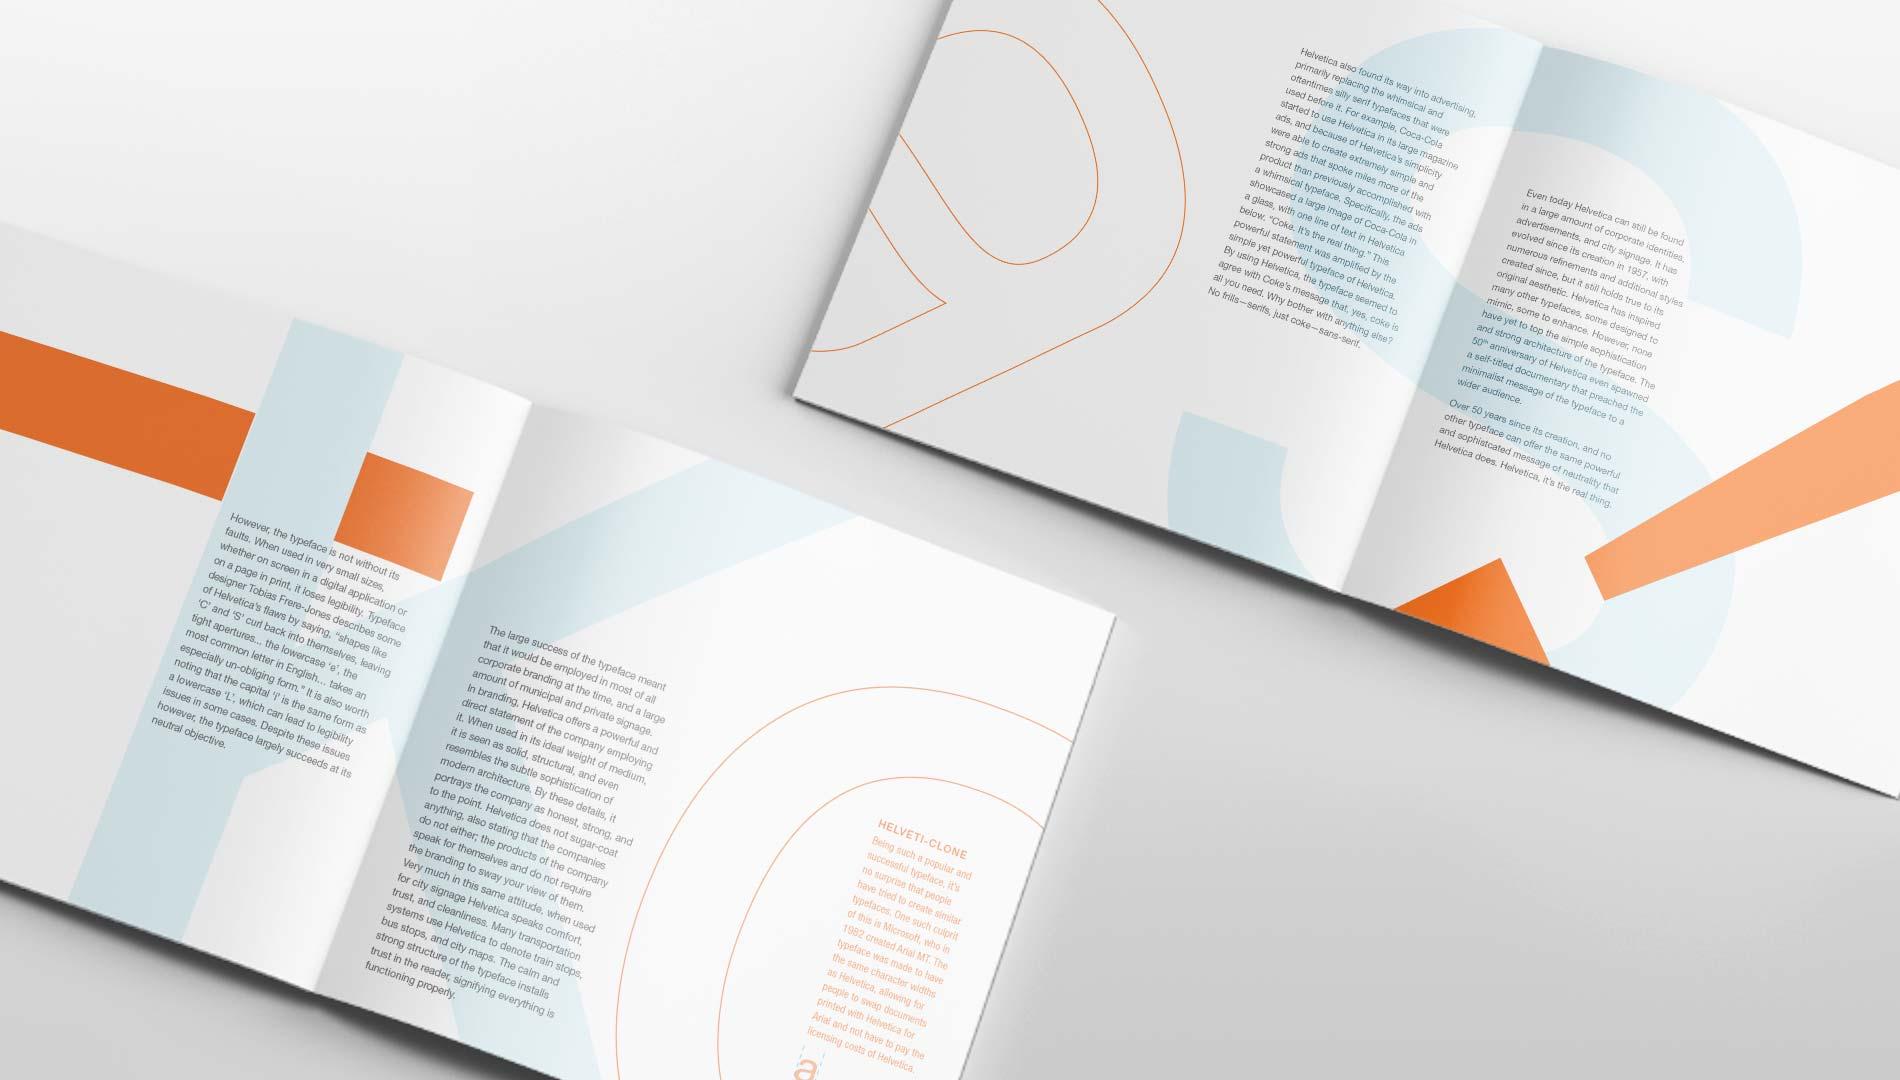 matthan_evans_brochure_spreads_7